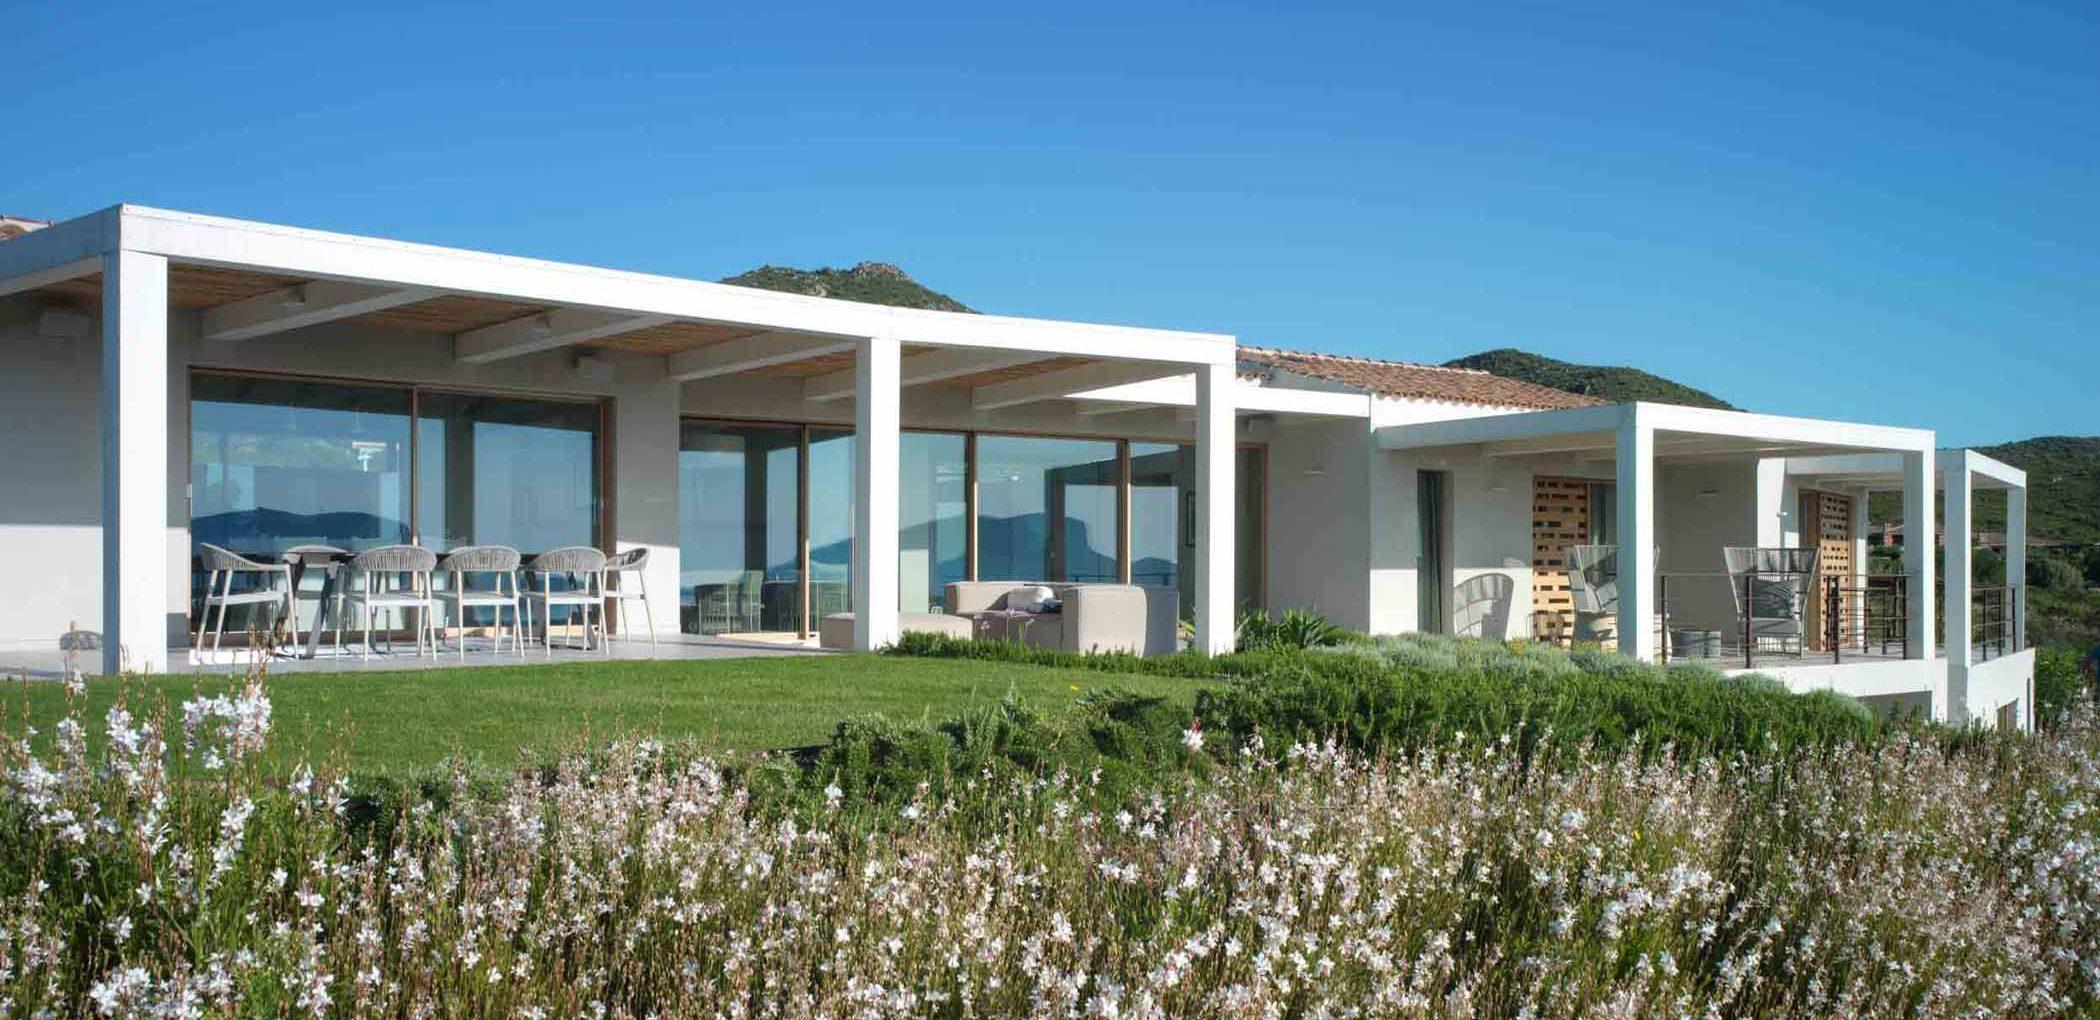 Image de couverture de la Villa Costa Smeralda avec vue sur la façade principale